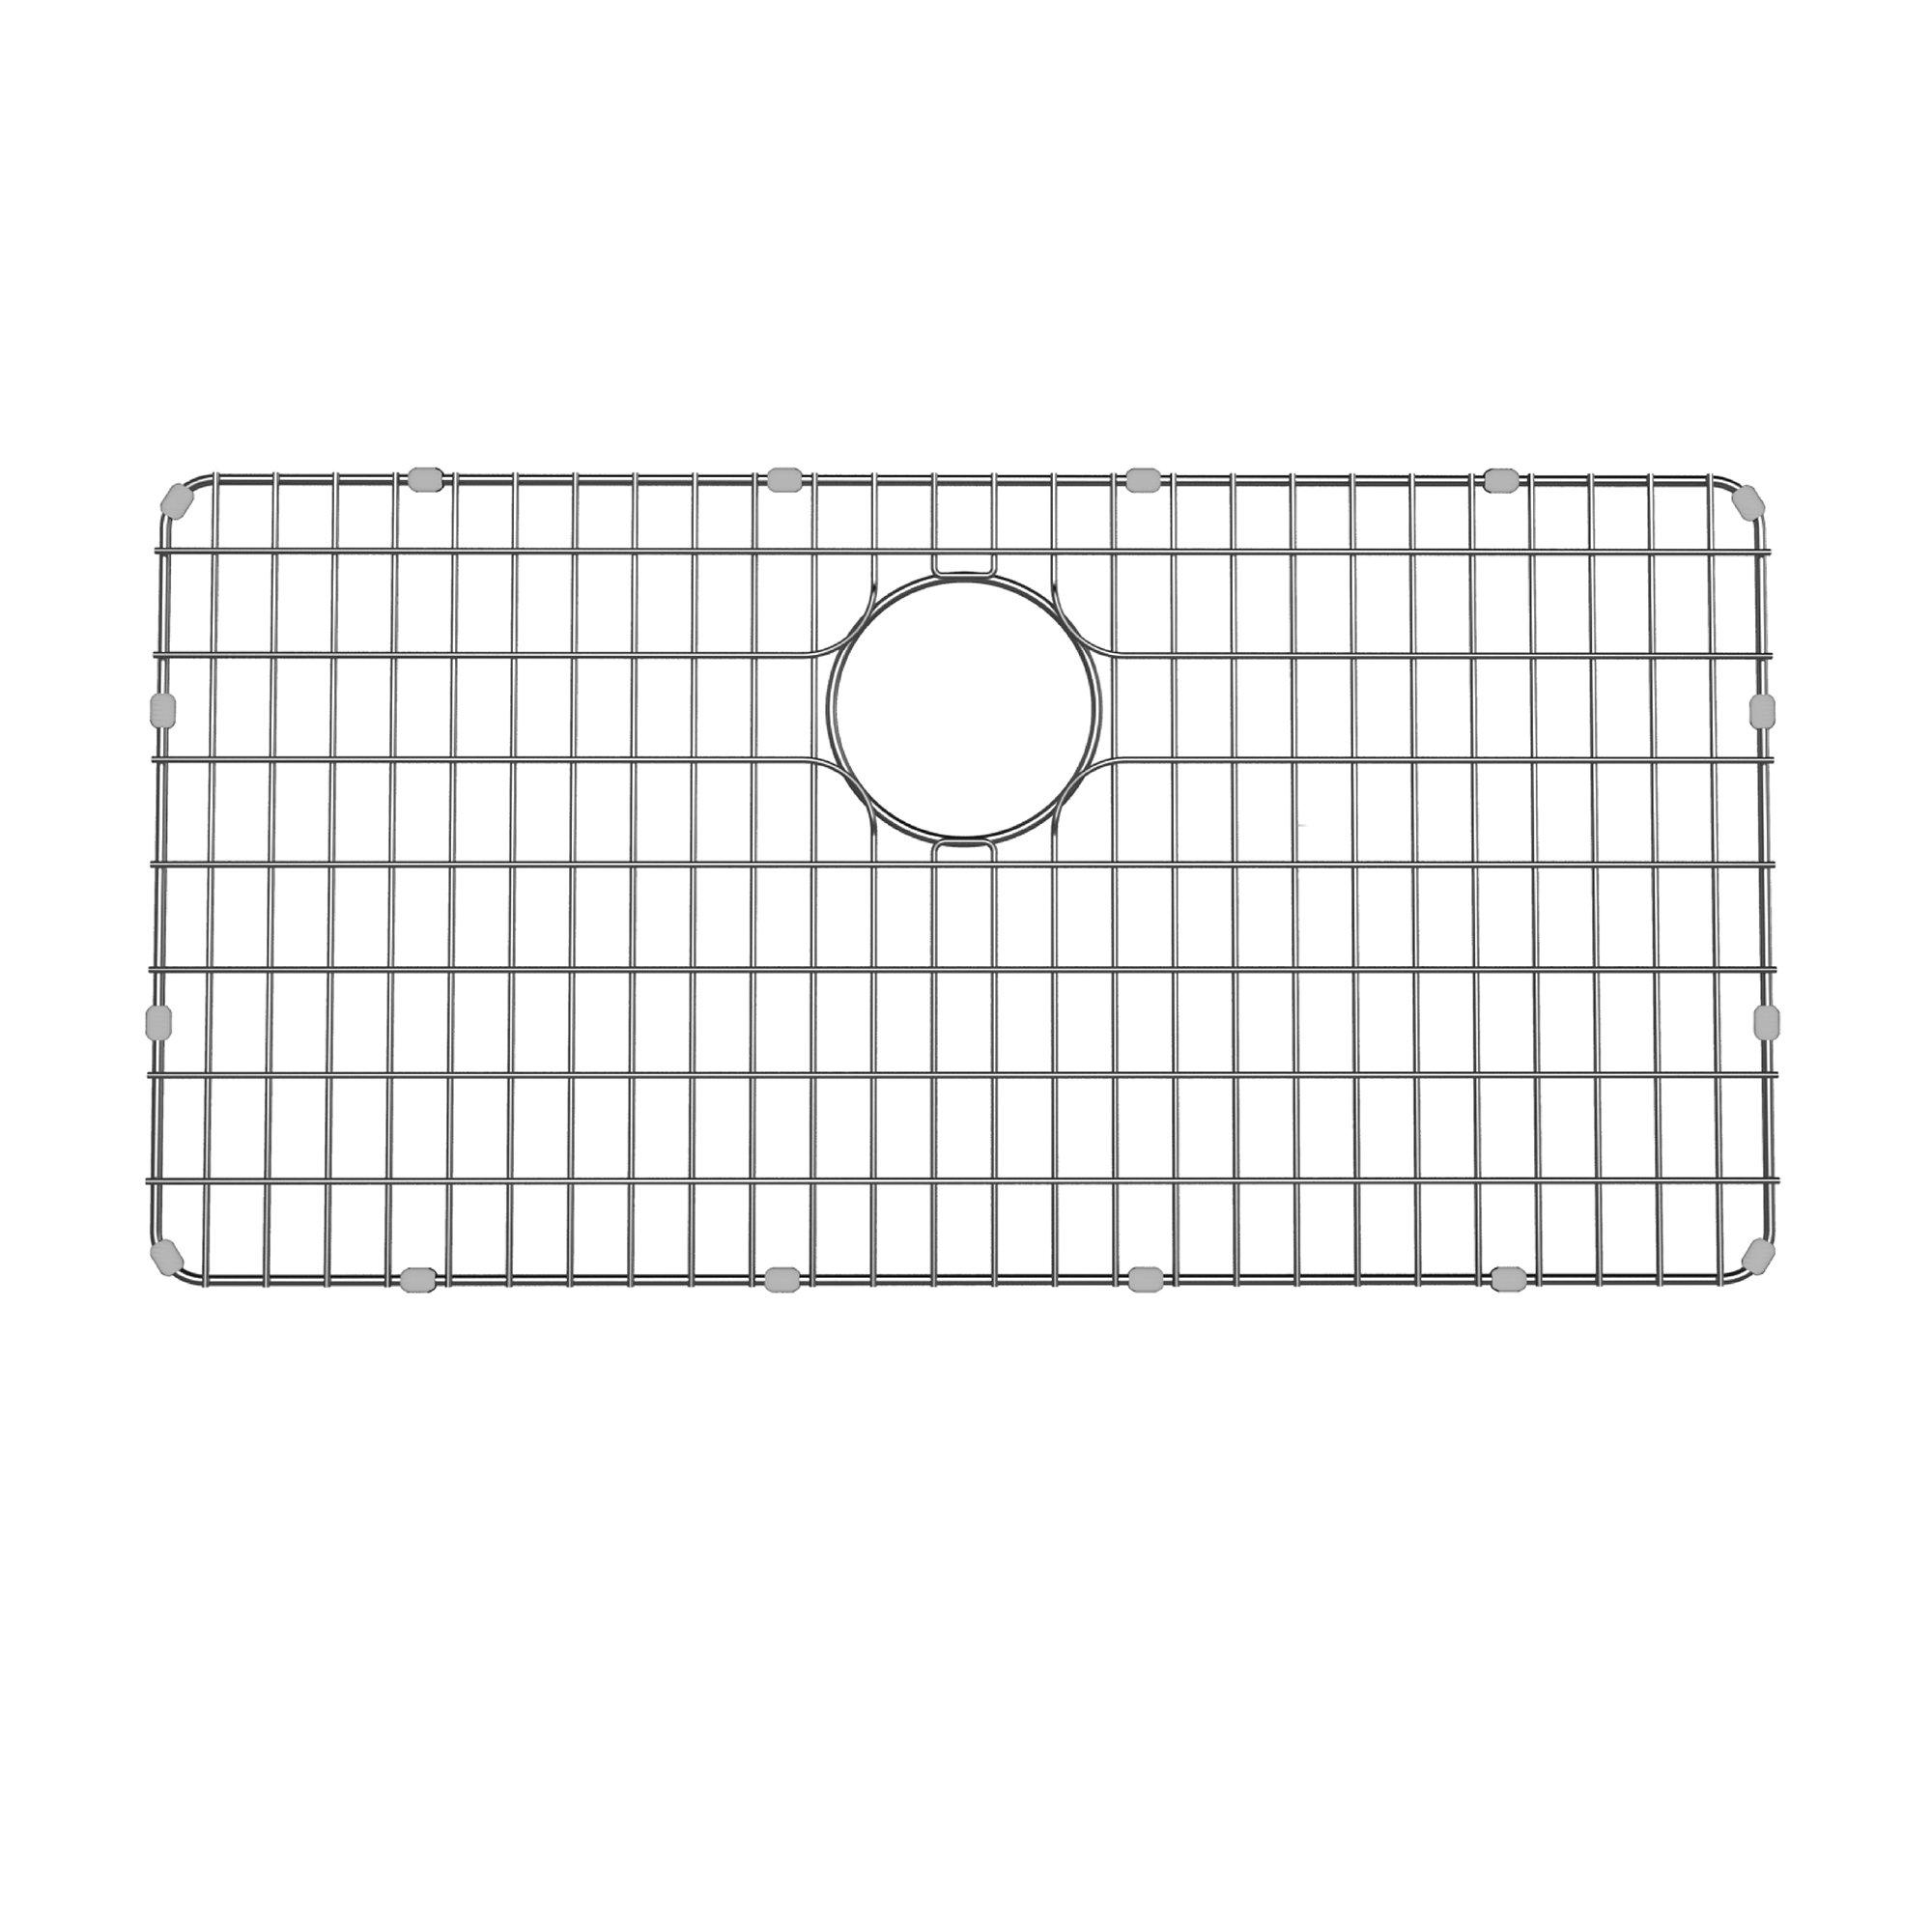 Kraus BG3117 Stainless Steel Bottom Grid for KD1US33B Kitchen Sink, 28.9'' x 14.6'' x 1''